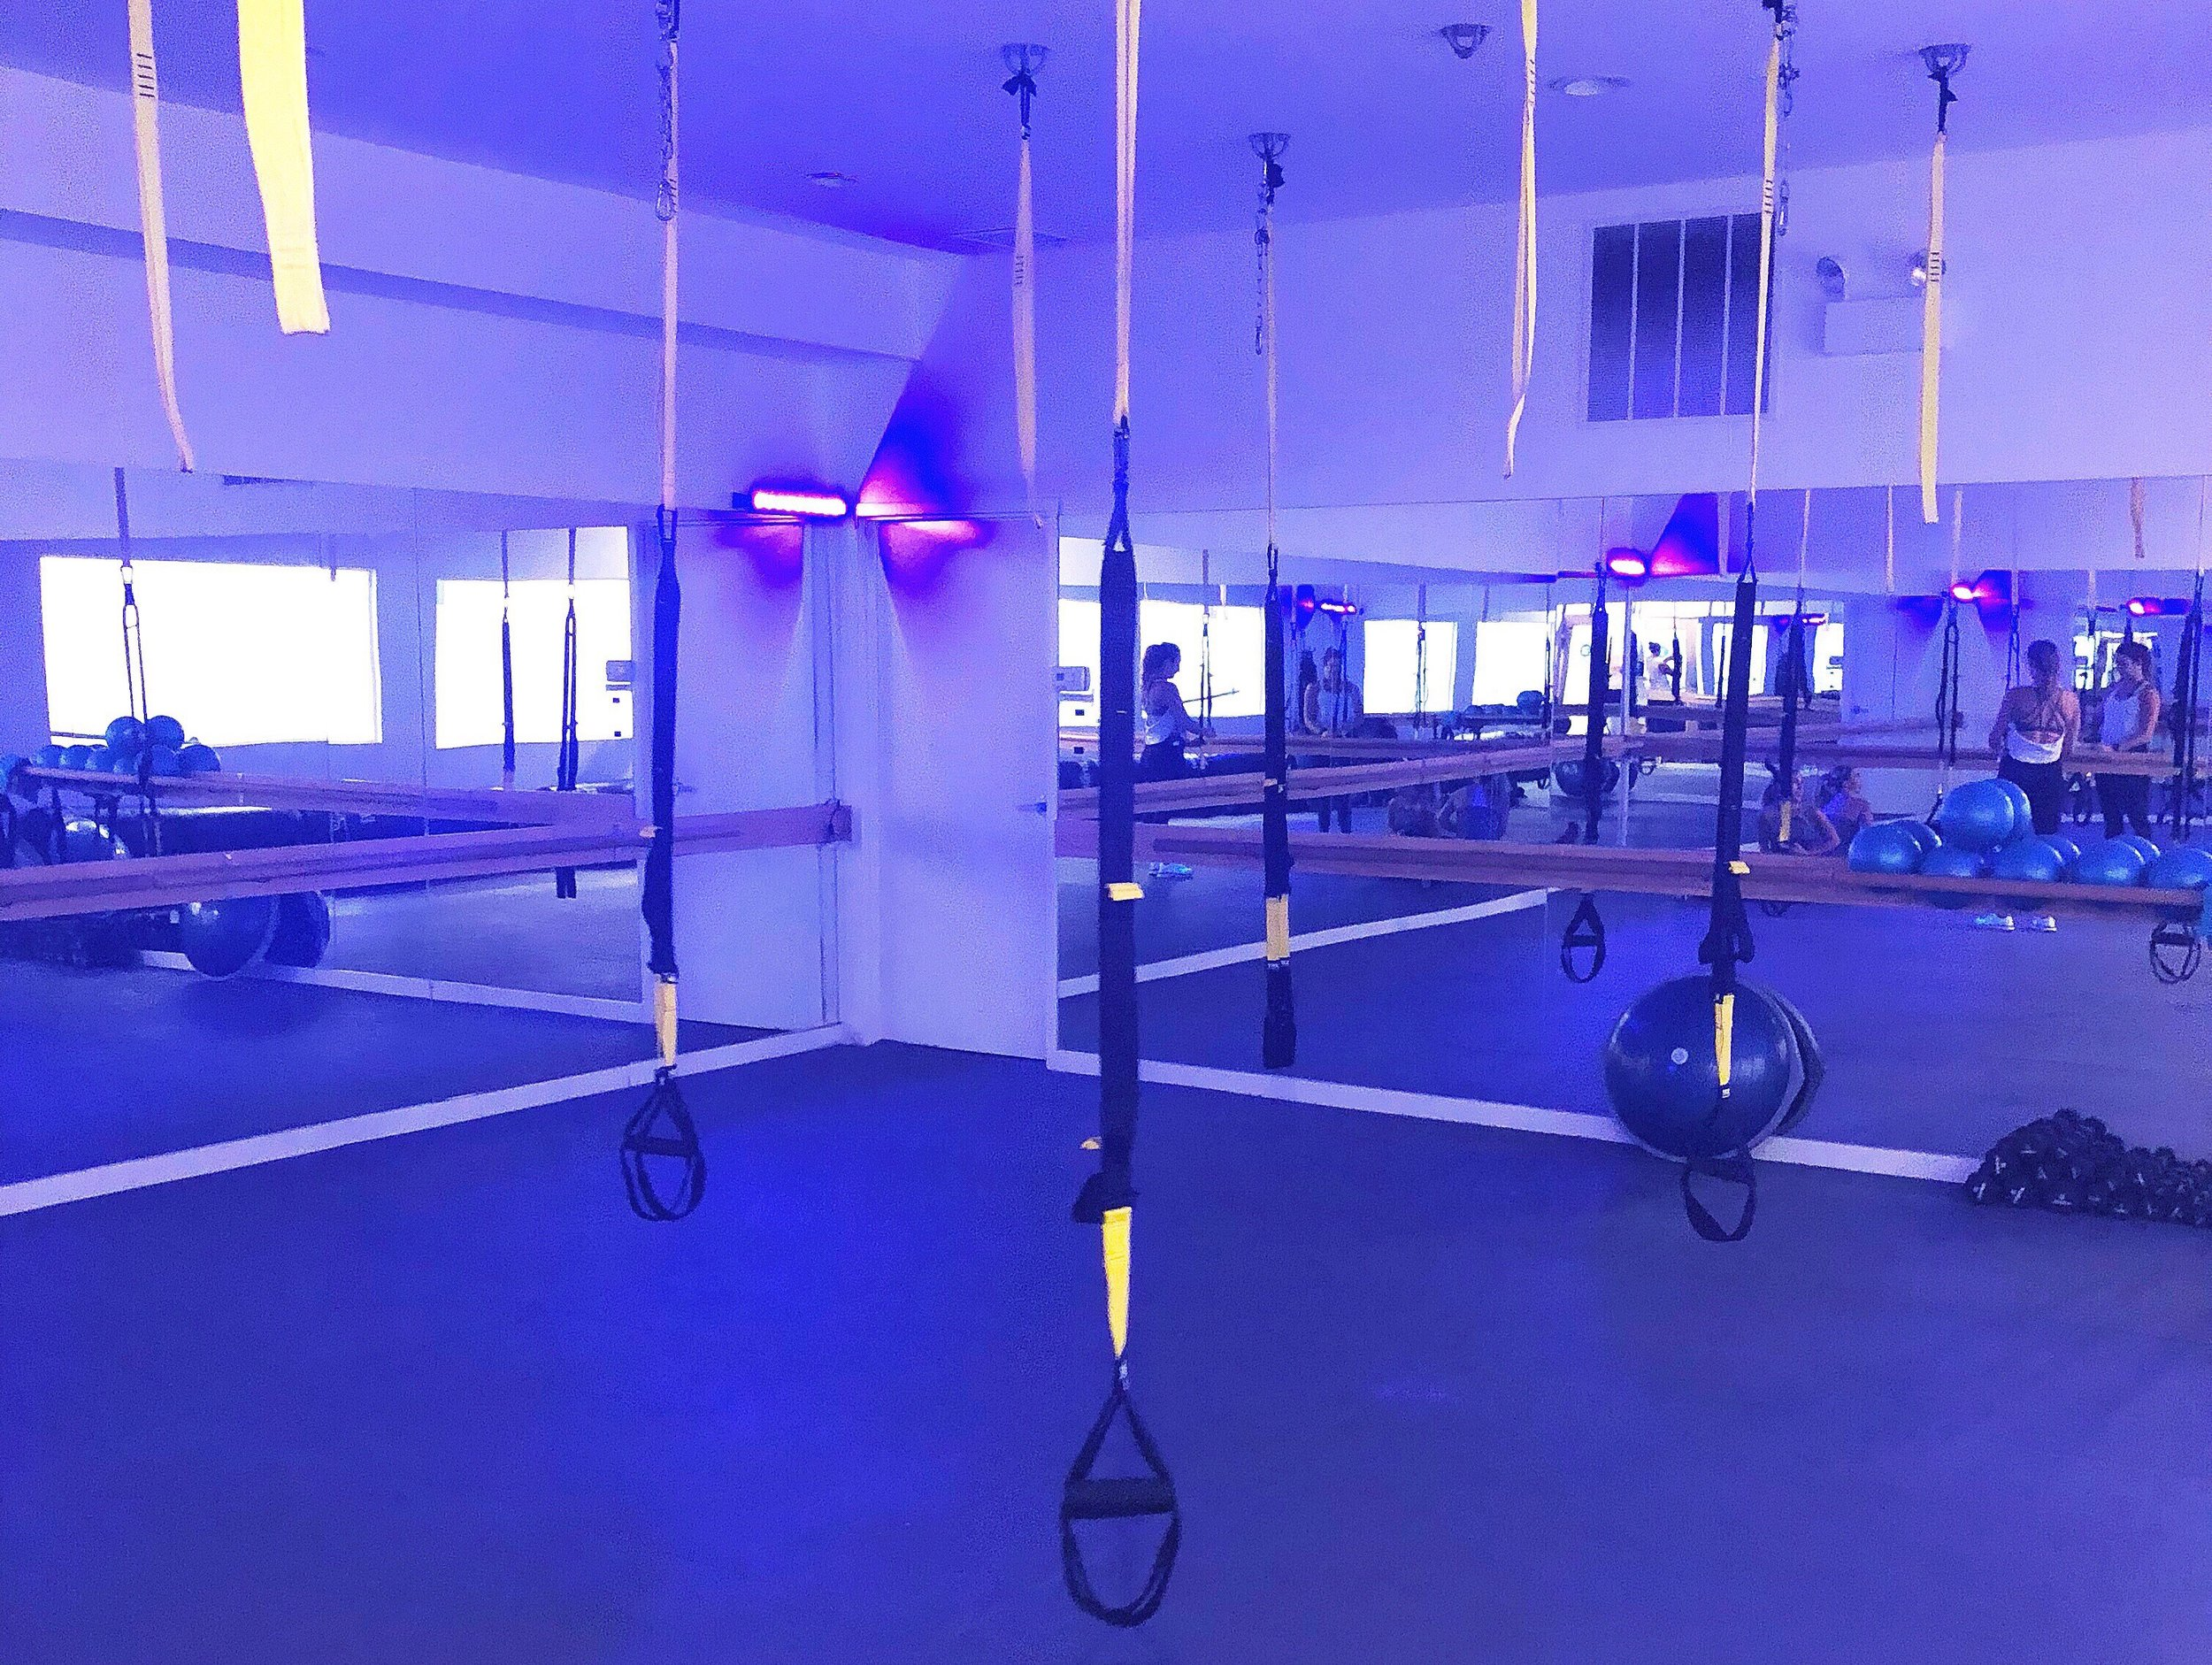 TRX pilates studio in Chicago.